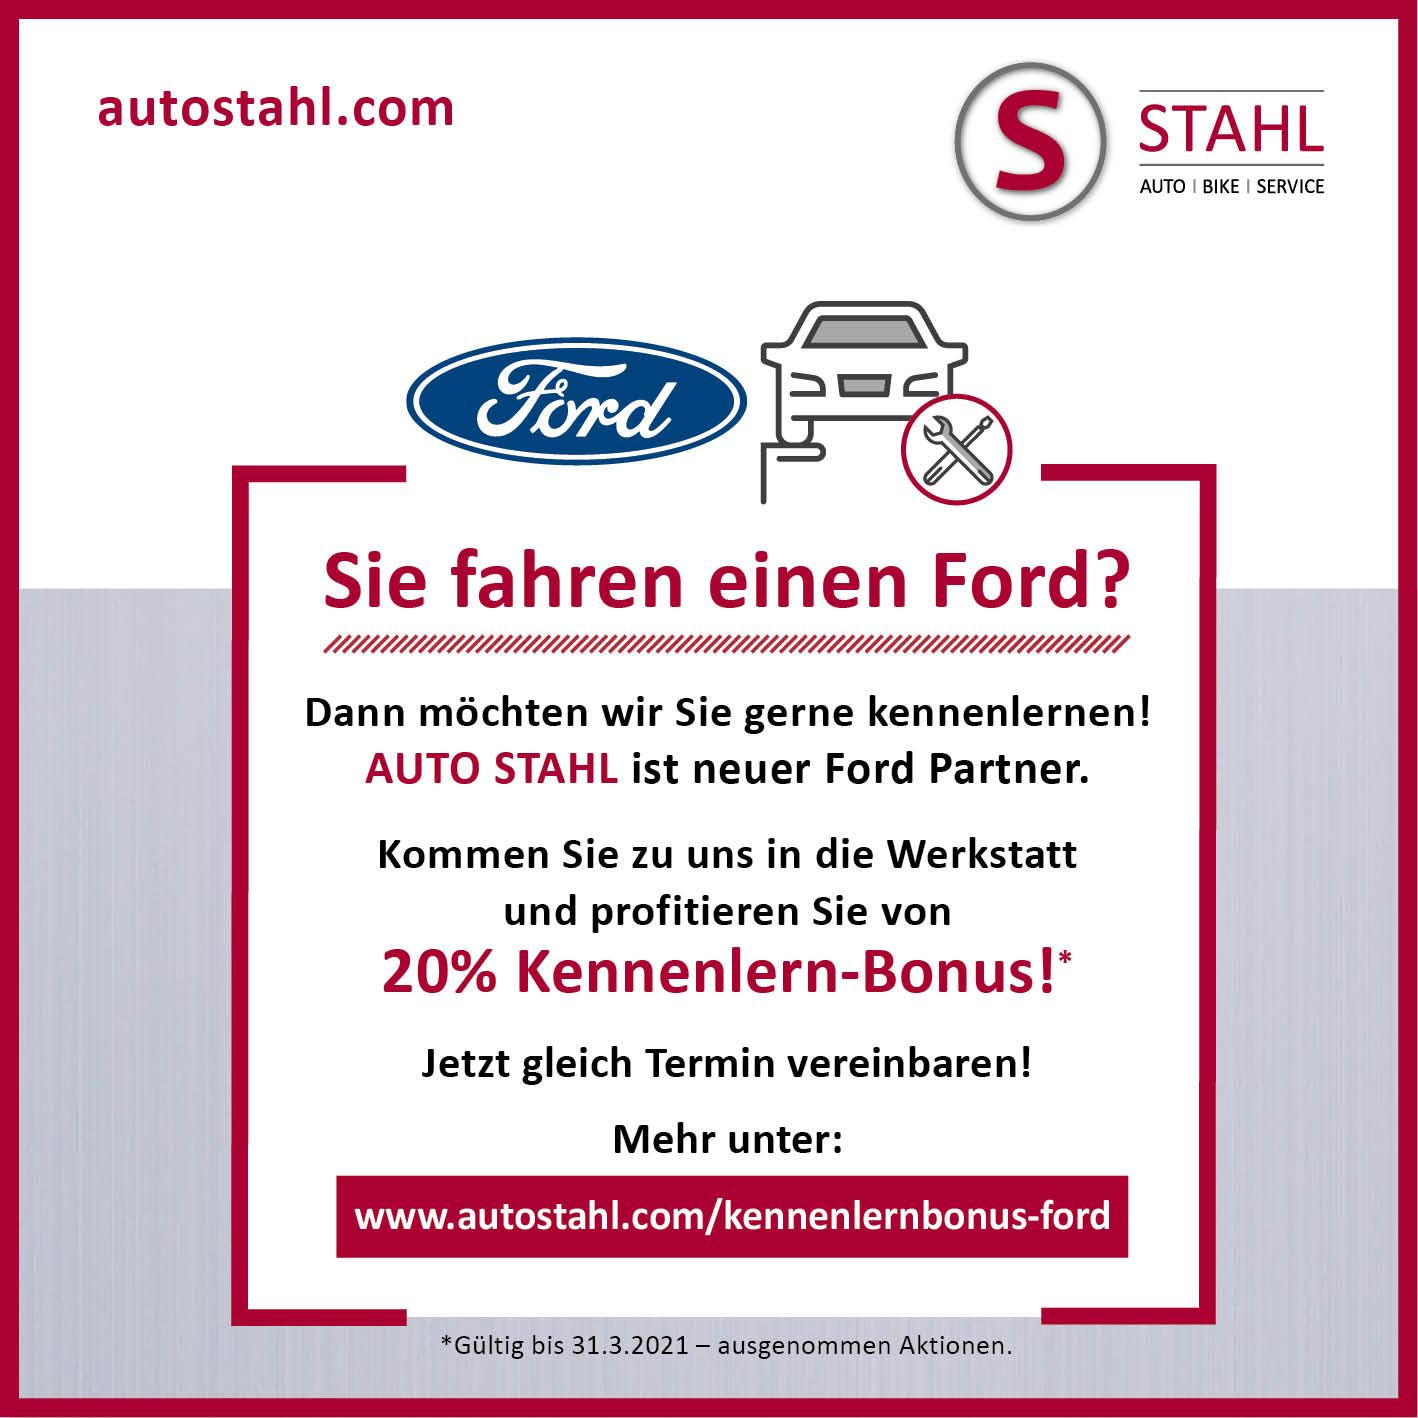 Sujet Ford Kennenlernbonus